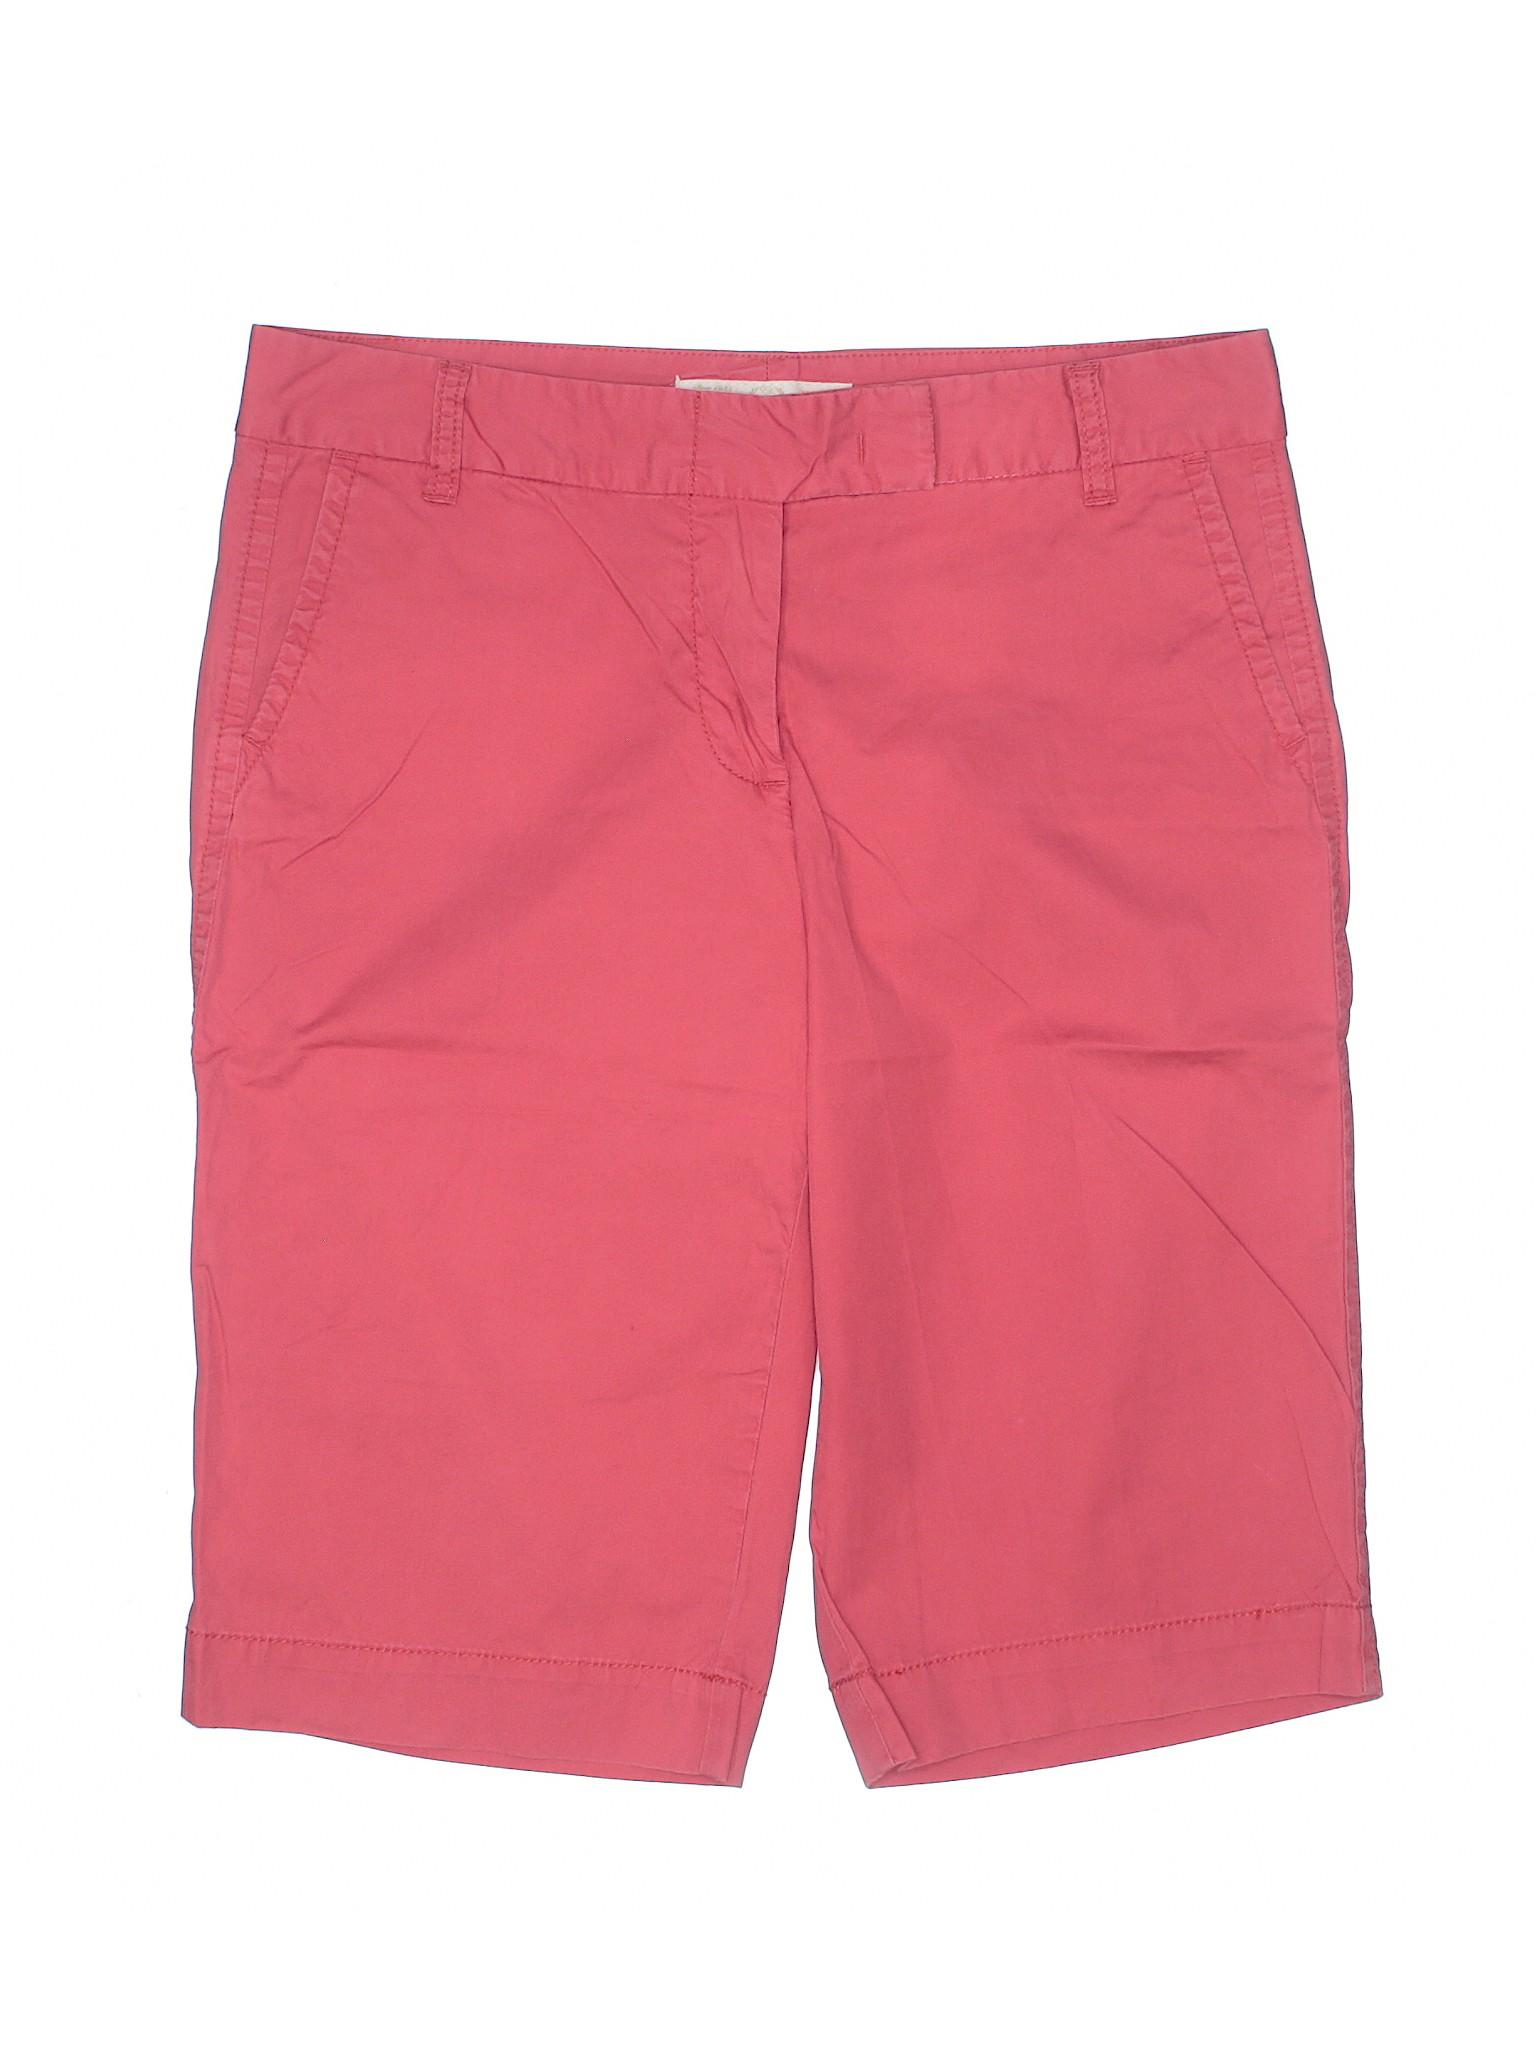 Boutique Khaki Crew J Boutique Shorts J IPqxttwT5